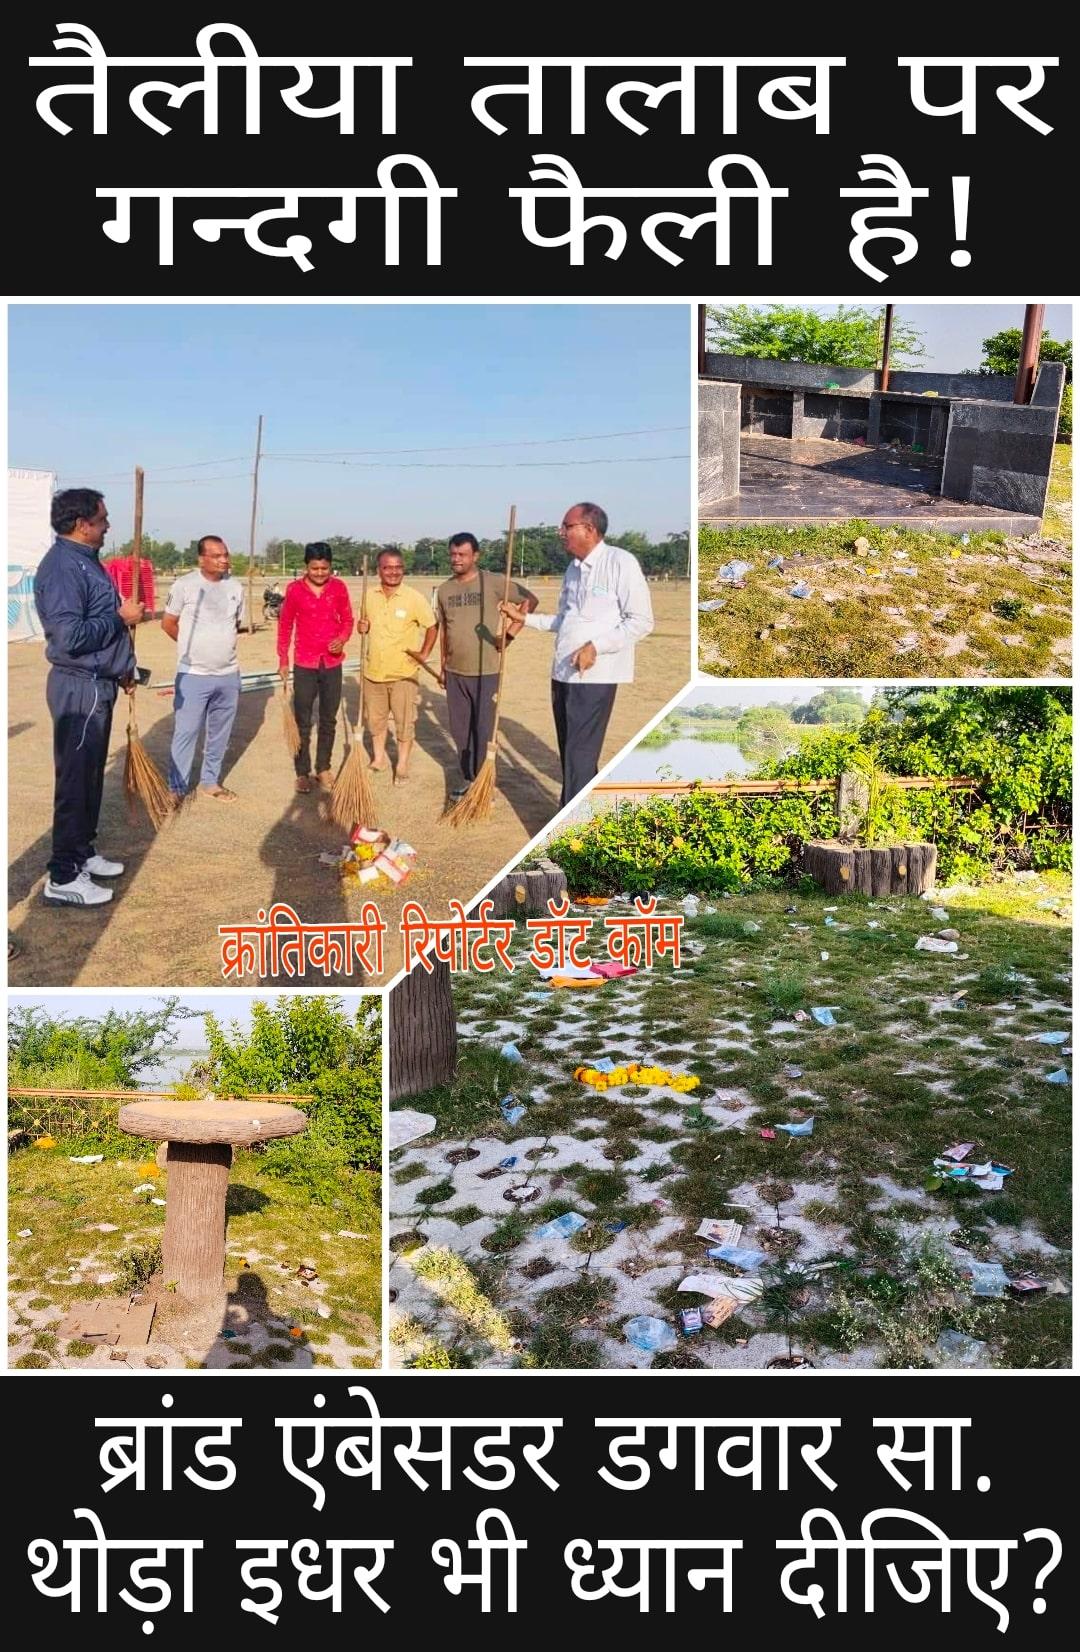 #एक ही दिन में नपा के ब्रांड एंबेसडर डगवार ने अपना काम शुरू कर दिया... सम्भाली शहर की सफाई व्यवस्था...।